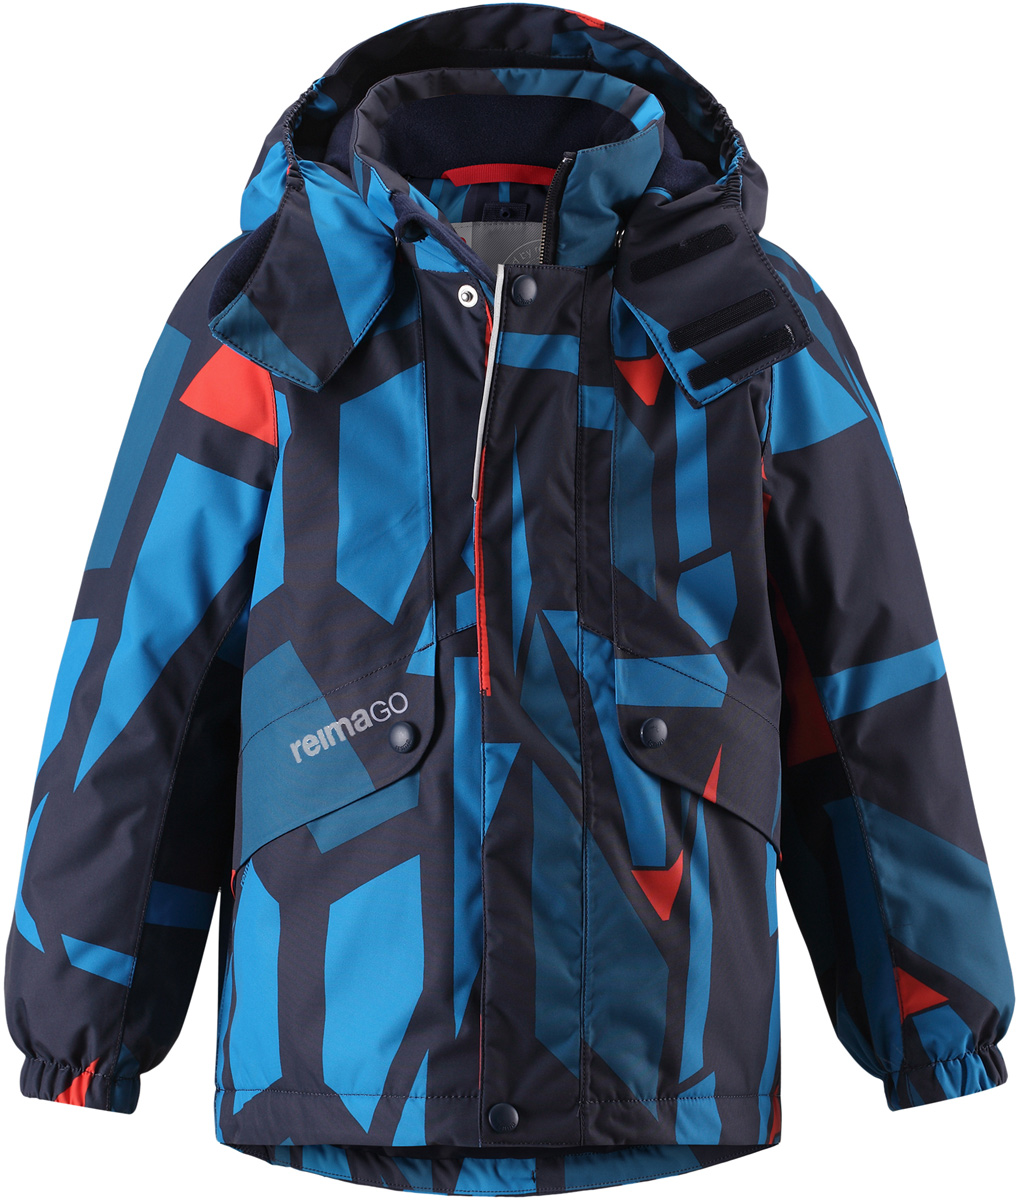 Куртка детская Reima Reimatec Elo, цвет: темно-синий, синий. 5215156981. Размер 1165215156981Детская абсолютно непромокаемая зимняя куртка Reimatec изготовлена из водо- и ветронепроницаемого, прочного и дышащего материала, который эффективно отталкивает грязь. Все швы проклеены, водонепроницаемы. В этой модели прямого покроя подол при необходимости легко регулируется, что позволяет подогнать куртку точно по фигуре. Съемный и регулируемый капюшон защищает от пронизывающего ветра и проливного дождя, а еще он безопасен во время игр на свежем воздухе. С помощью удобной системы кнопок Play Layers к этой куртке можно присоединять одежду промежуточного слоя Reima, которая подарит вашему ребенку дополнительное тепло и комфорт. В куртке предусмотрены два кармана на молнии, внутренний нагрудный карман, карман для сенсора ReimaGO и множество светоотражающих деталей.Средняя степень утепления.